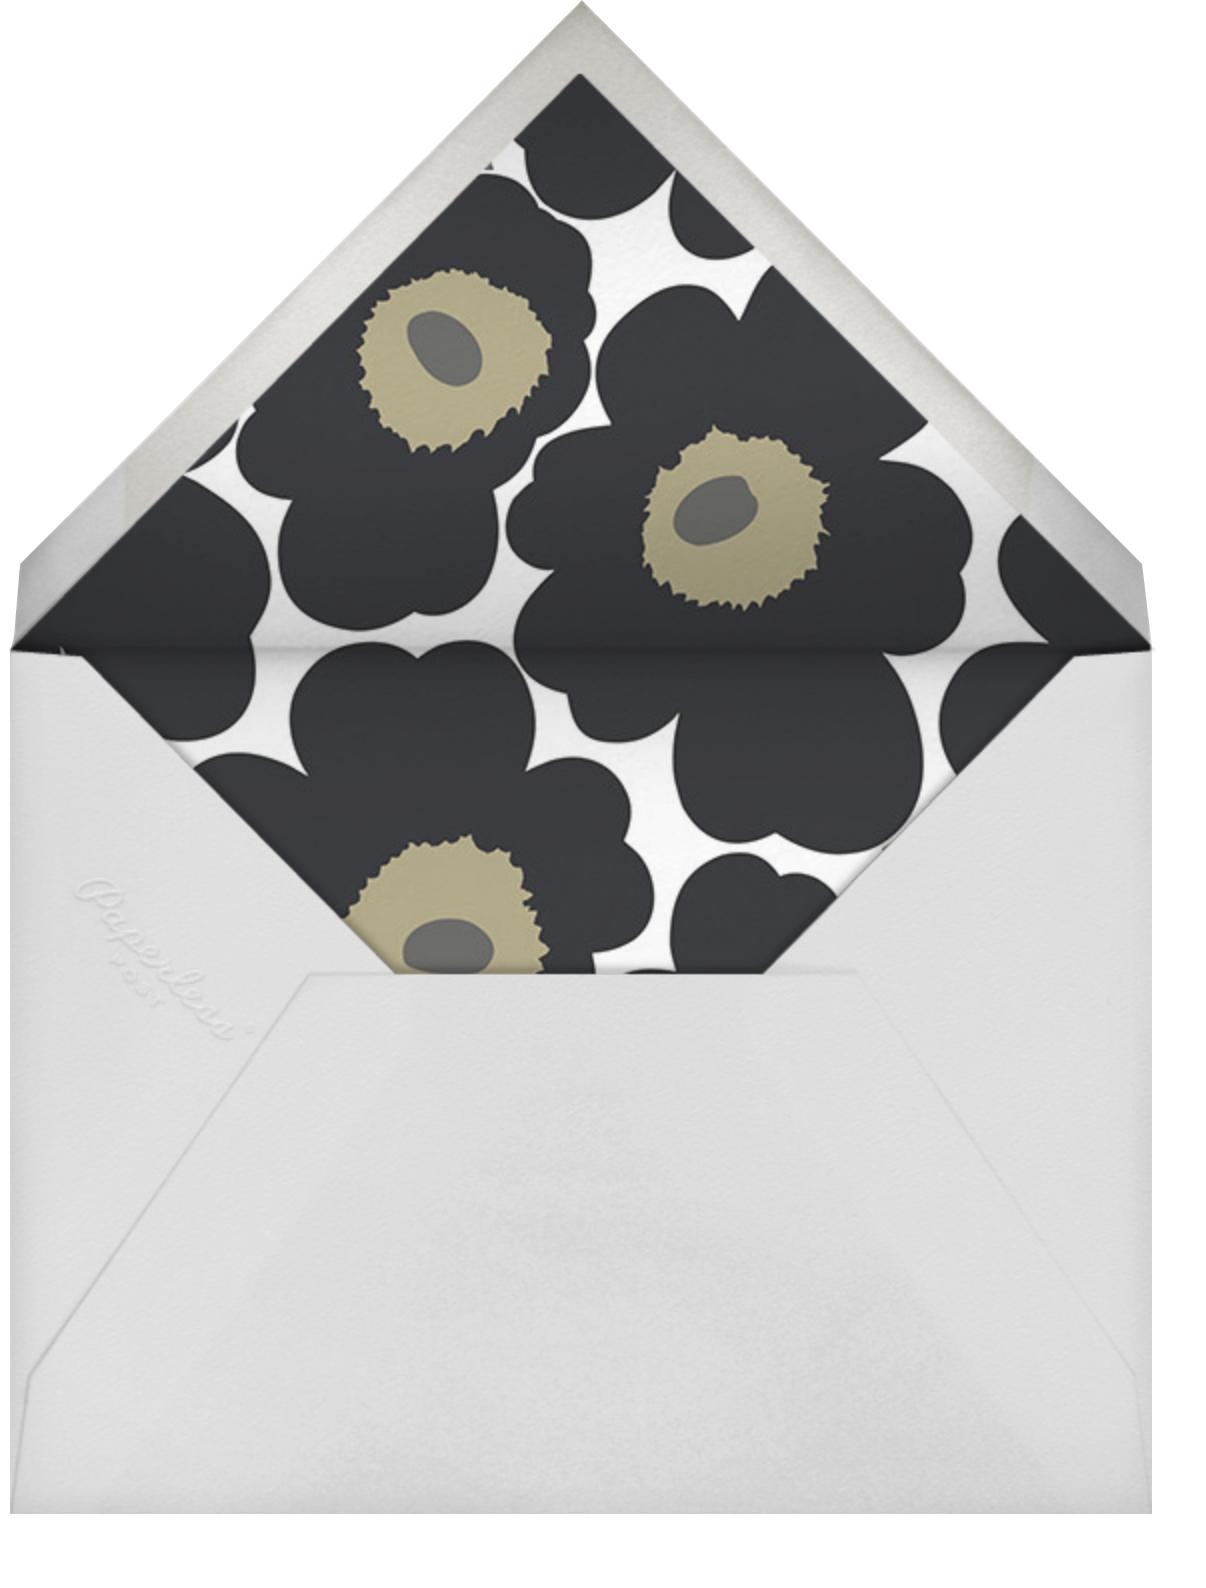 Unikko (Horizontal) - Black - Marimekko - General entertaining - envelope back